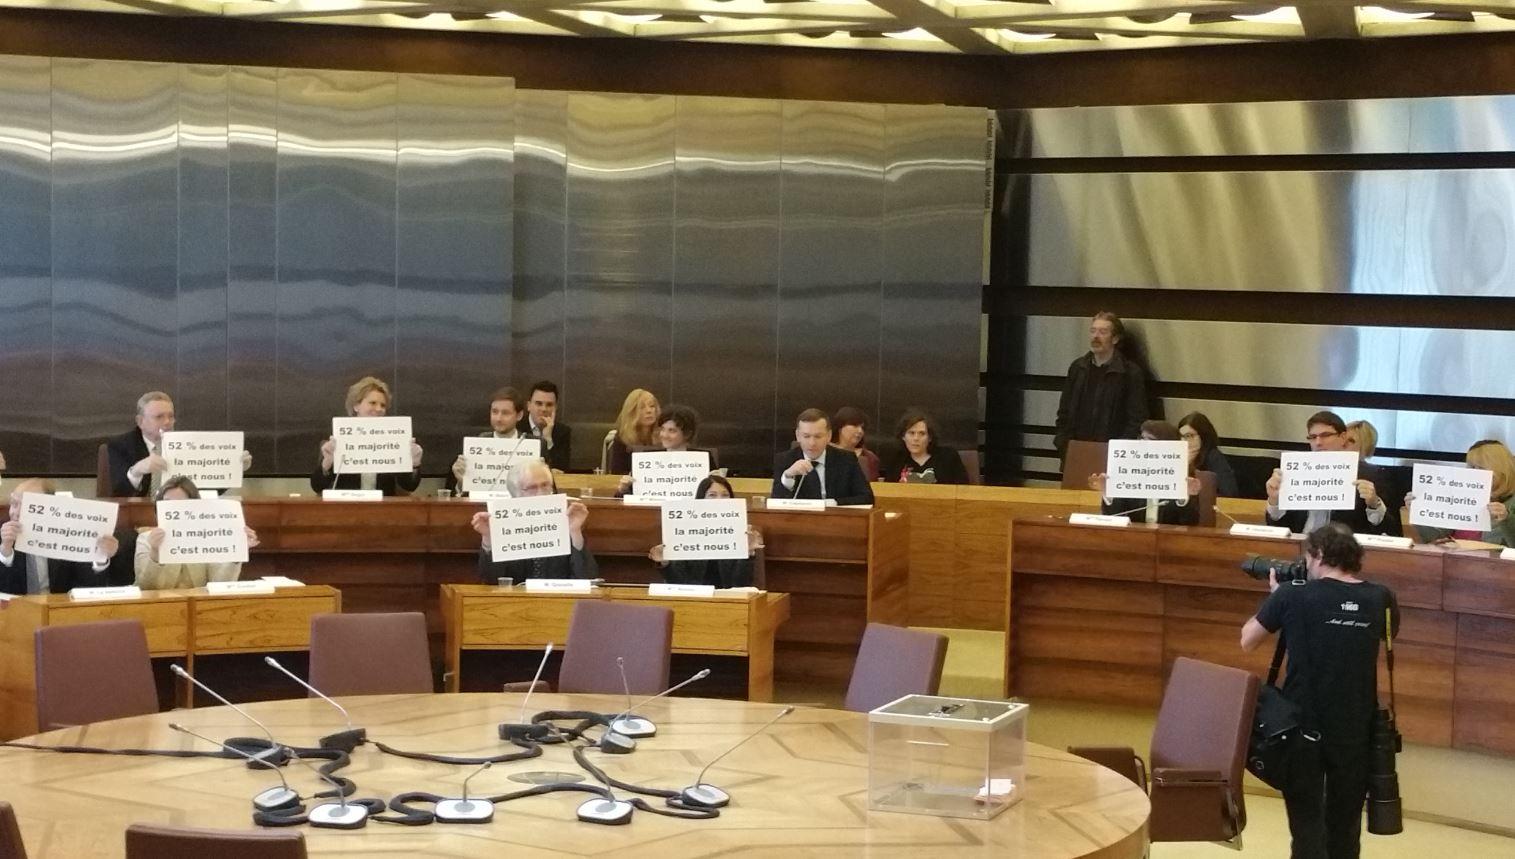 Elus droite Pancartes Conseil departemental 2 avril